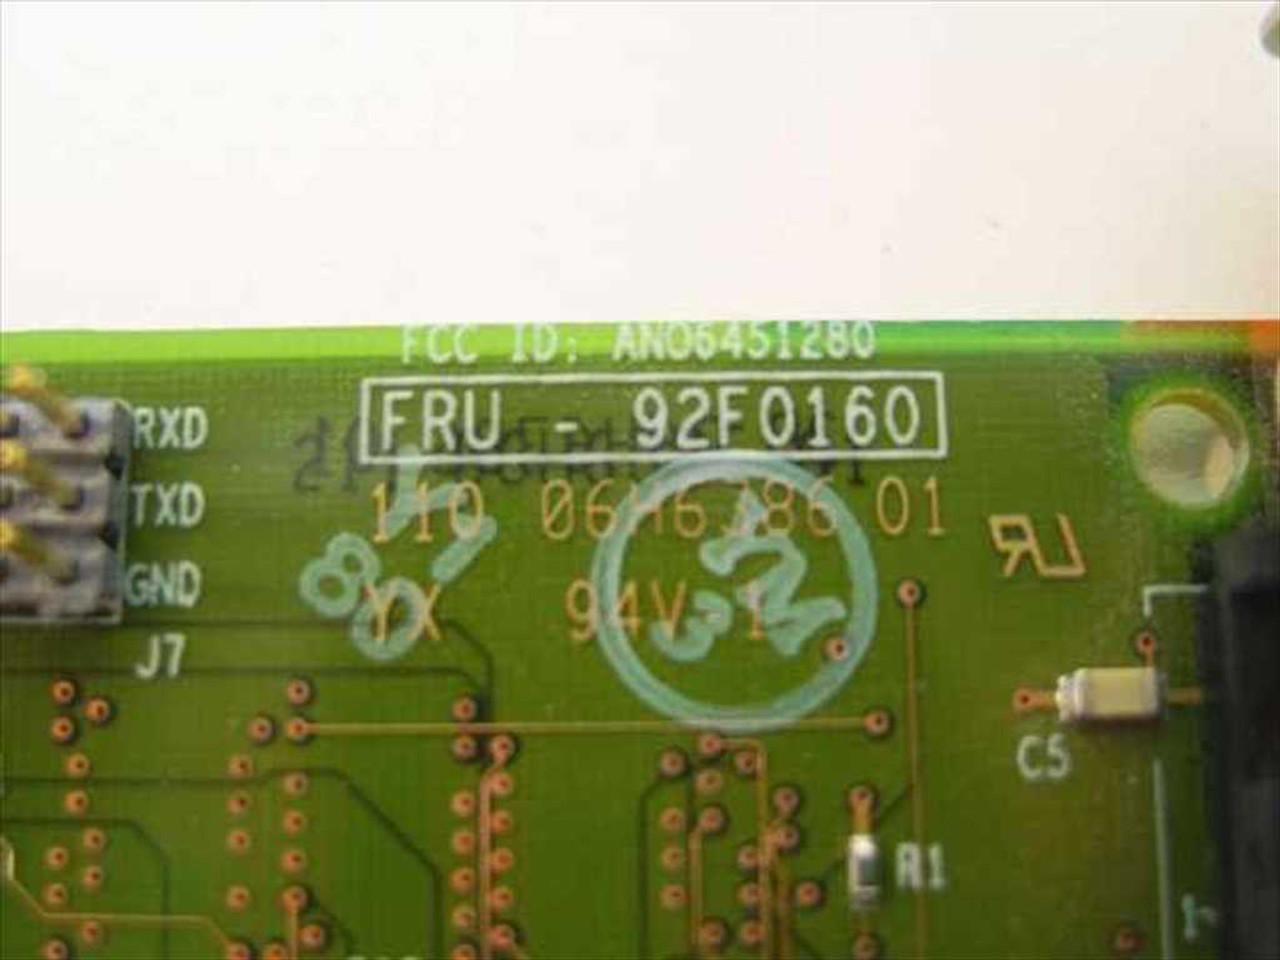 9595 IBM 92F0160 MCA SCSI Controller Card